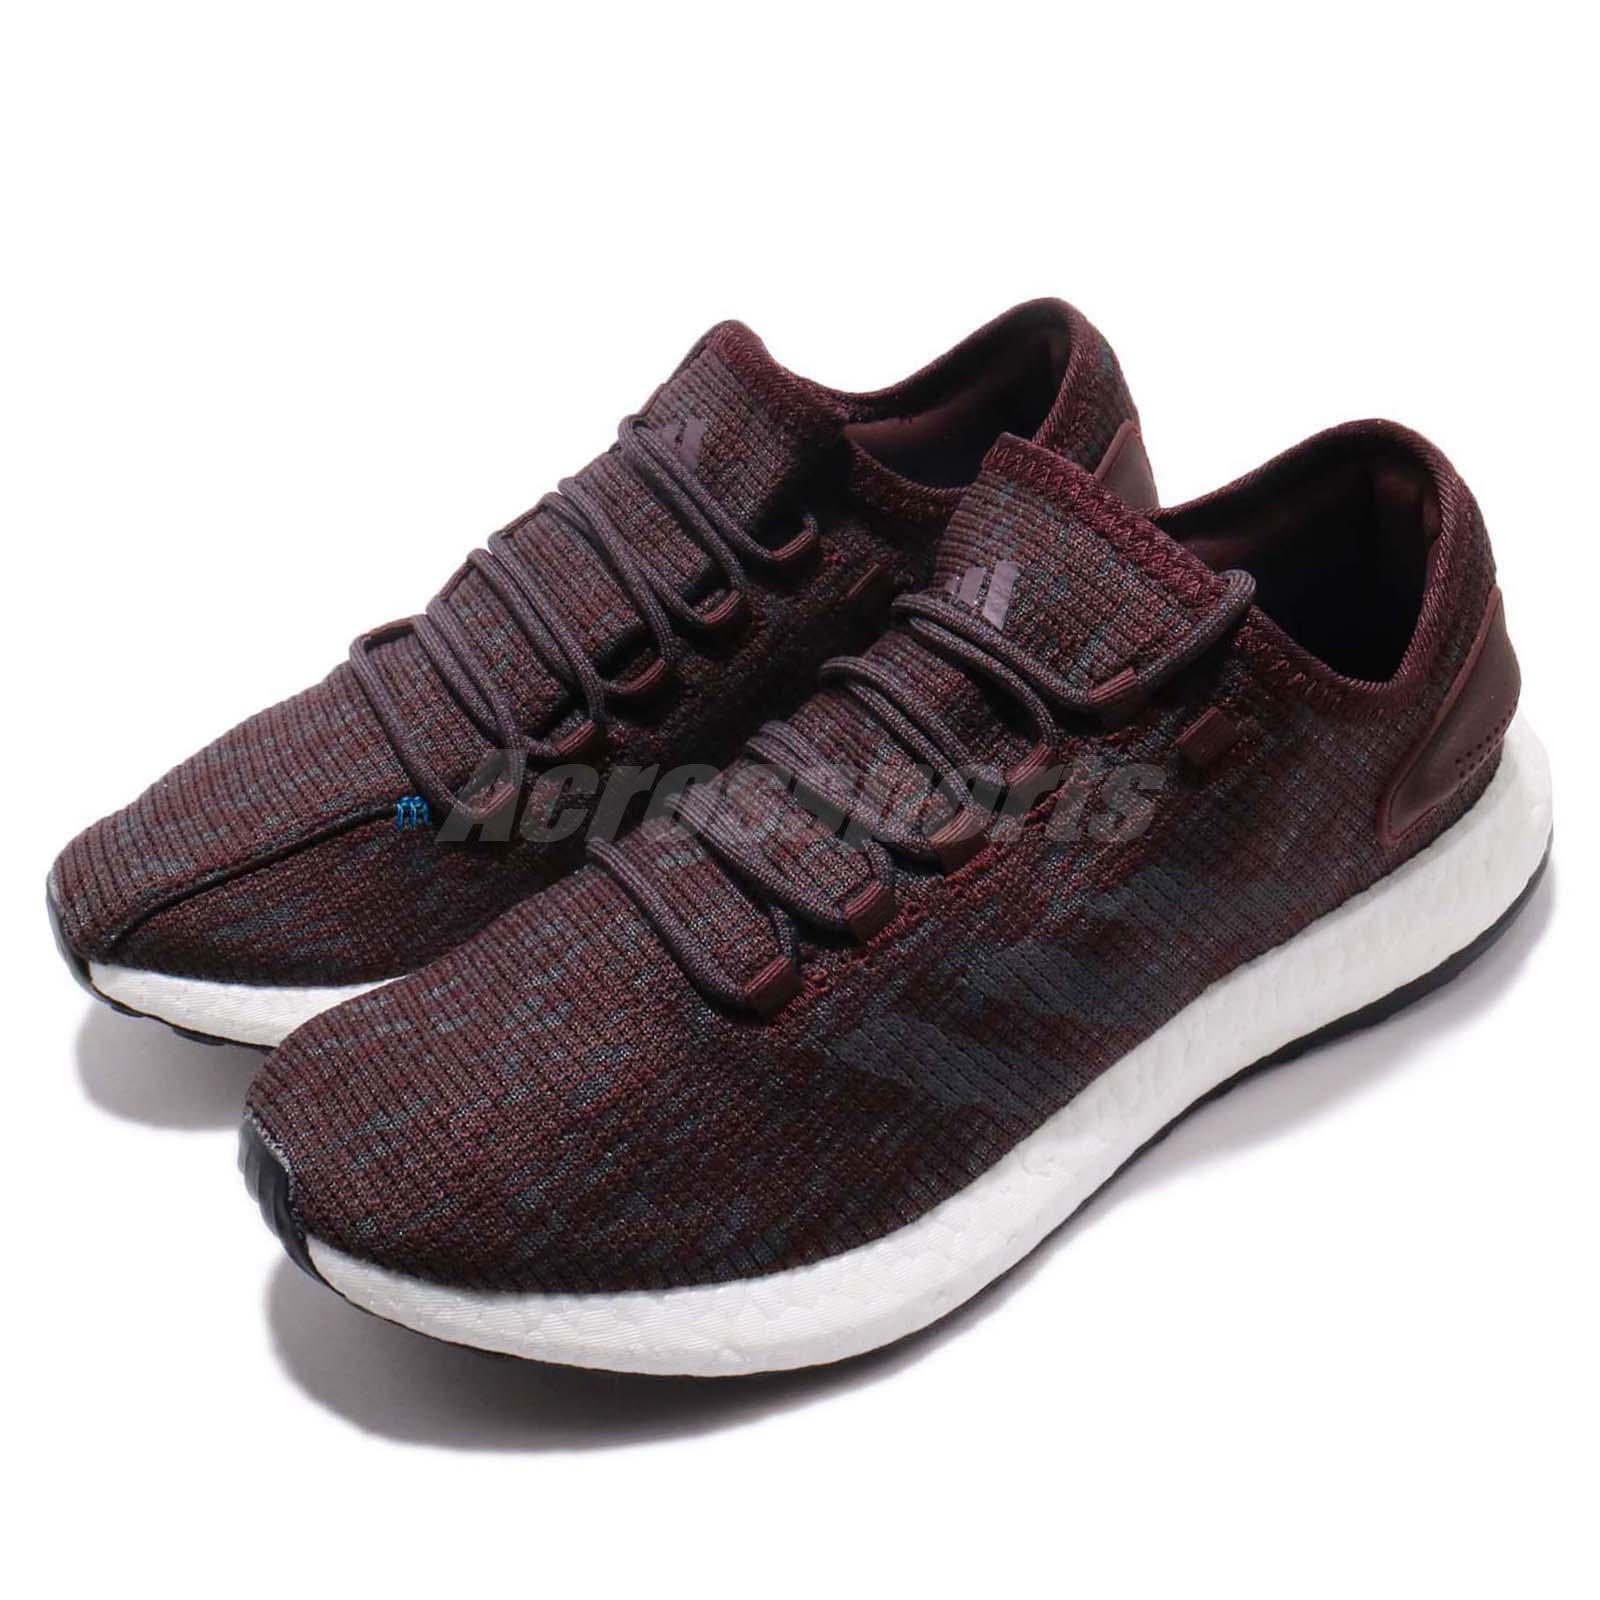 Adidas PureBOOST Oscuro Rojo Azul Hombres Para Correr Entrenamiento Calzado Tenis CM8301